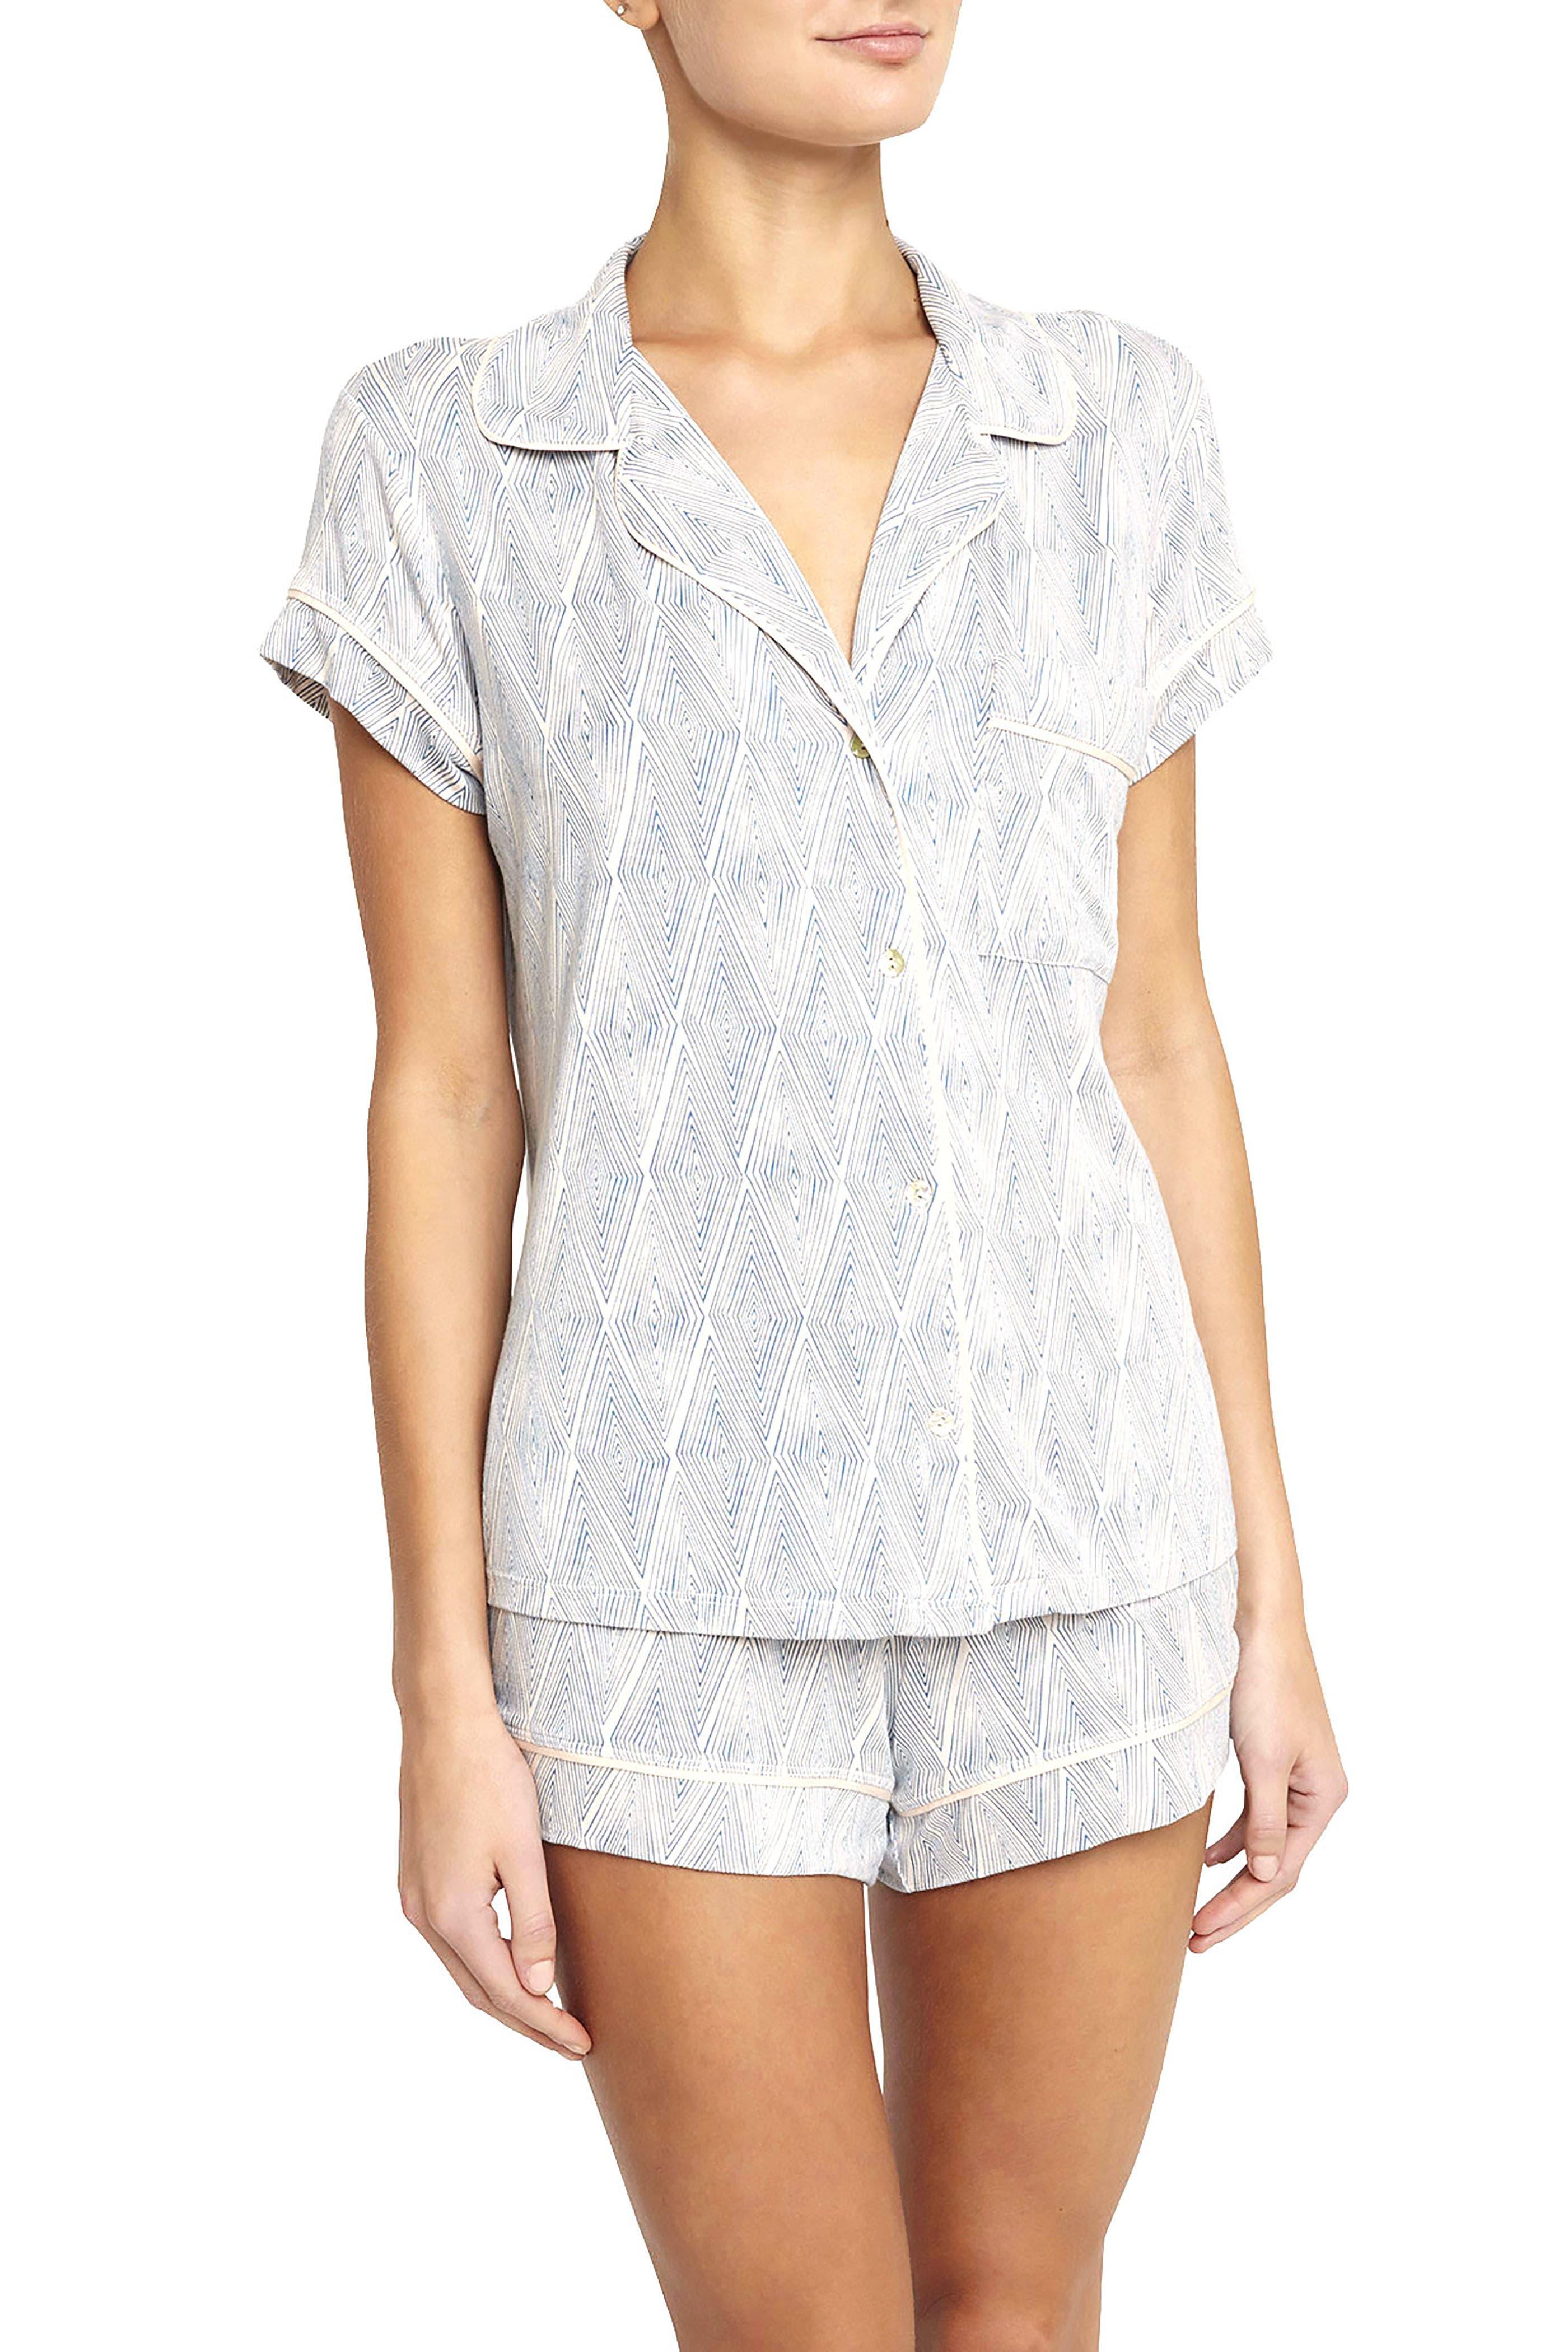 Eberjey Diamond Maze Short Pajamas